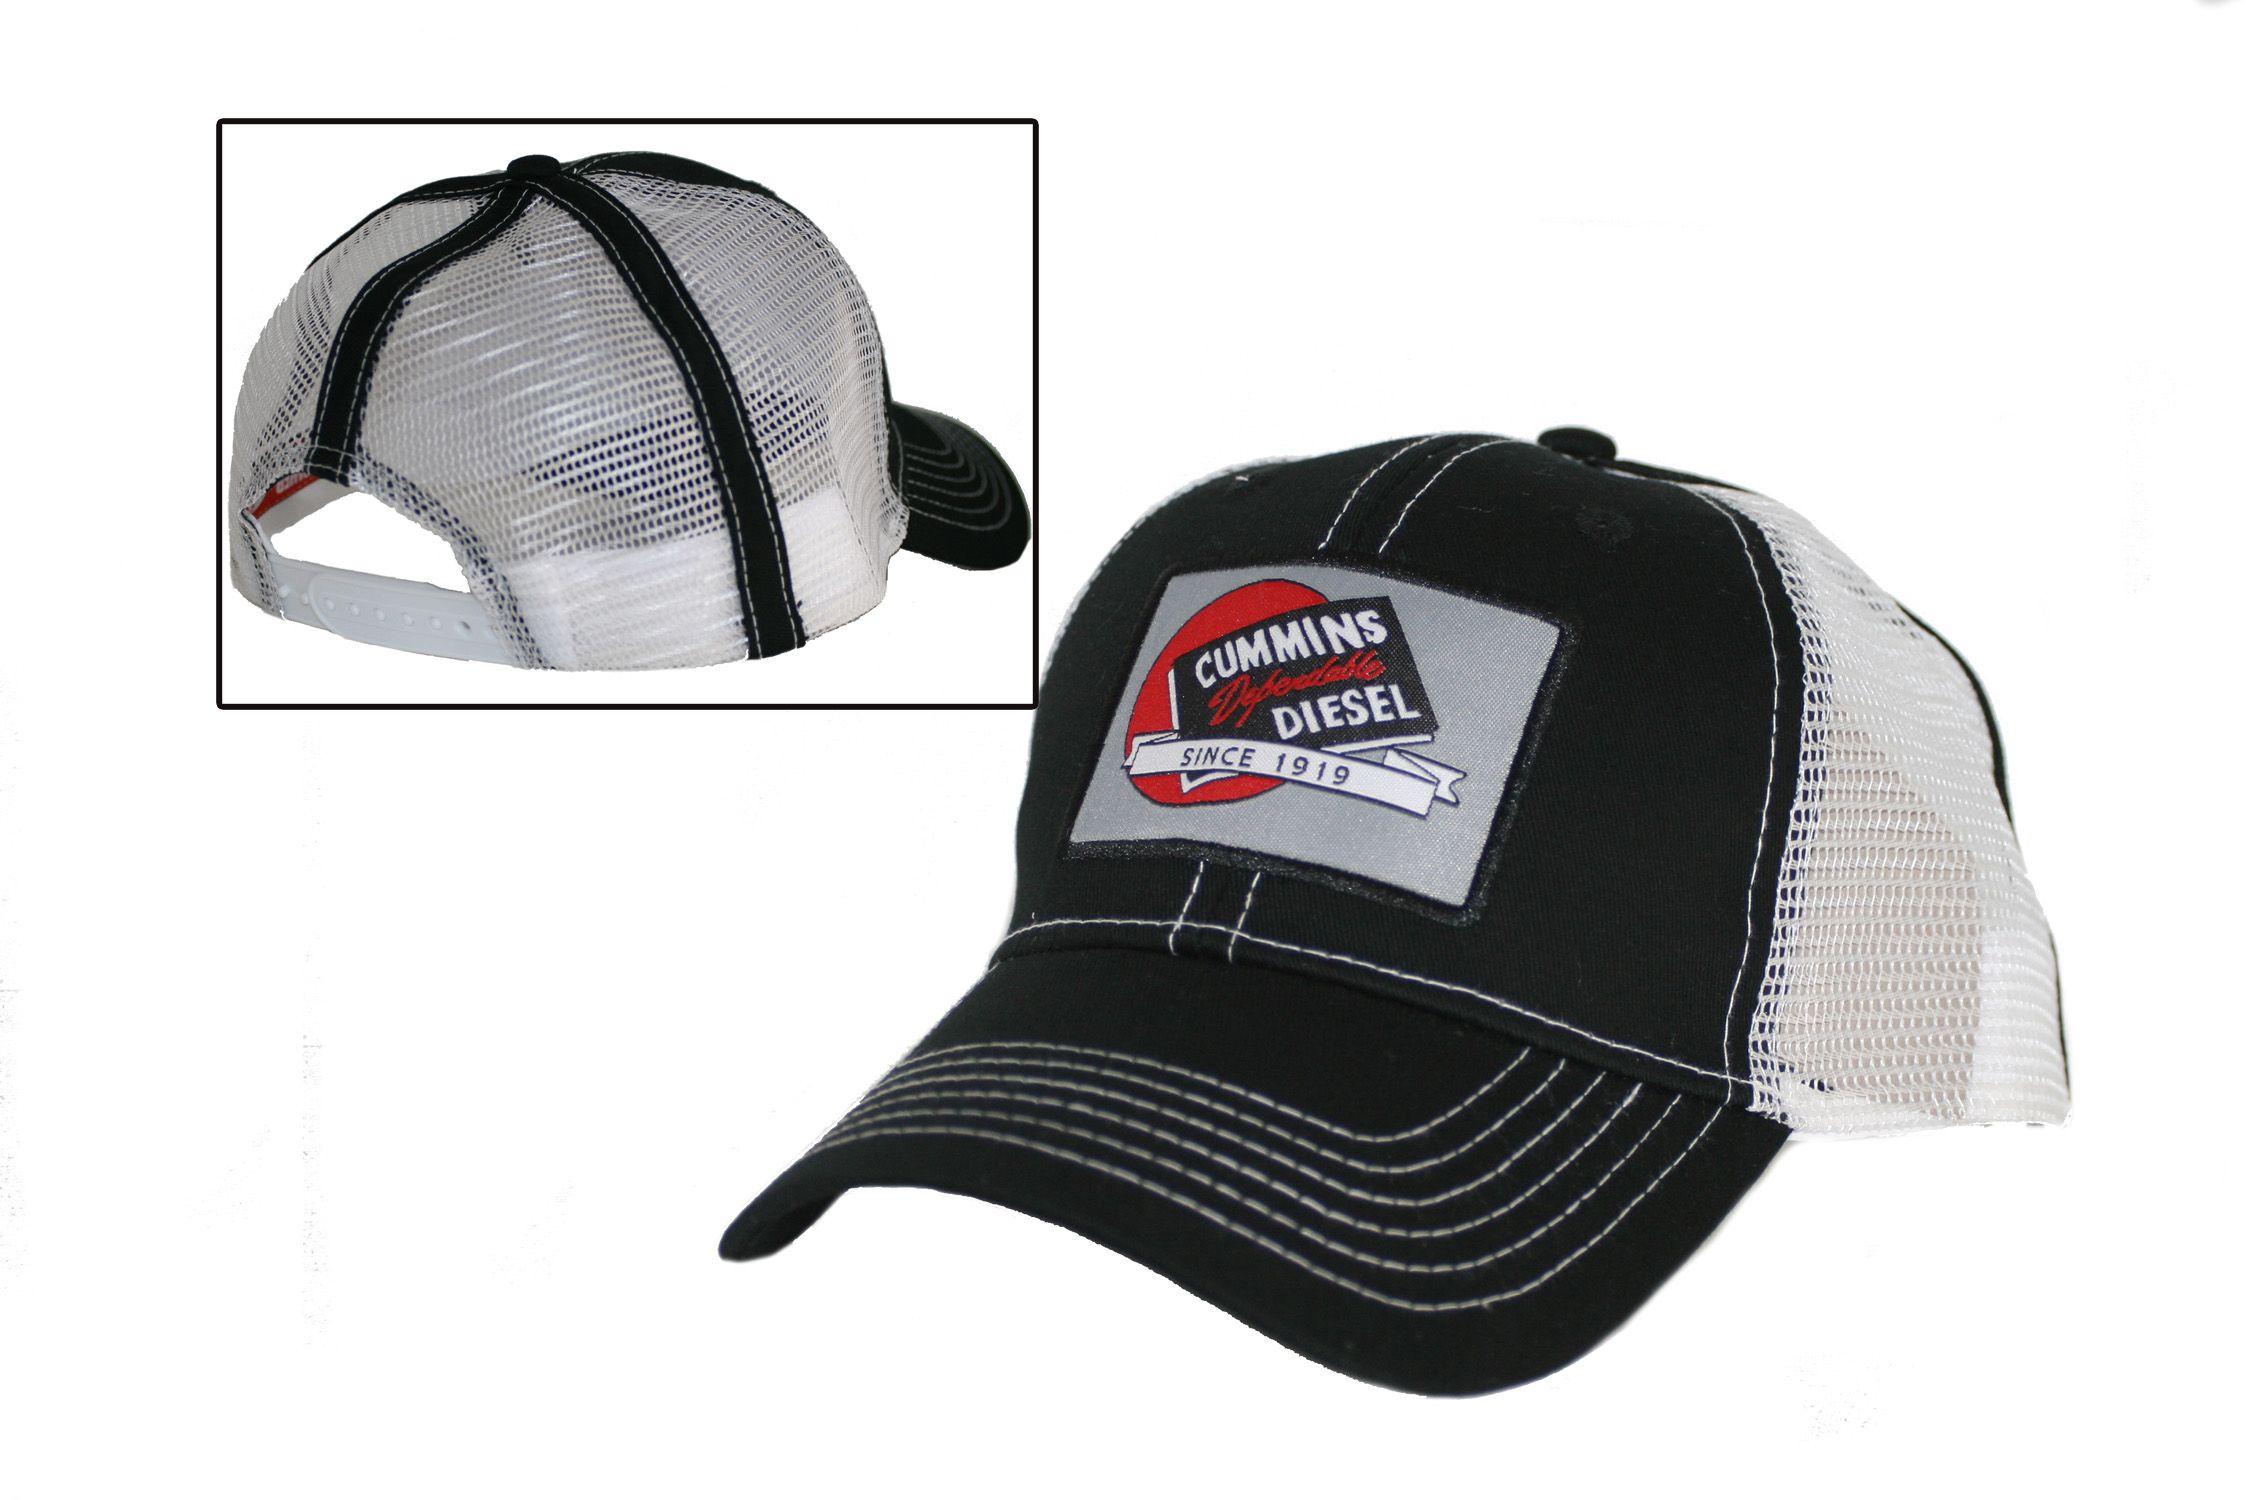 ada407a83c959 Cummins Diesel Contrast Stitch Black Cap